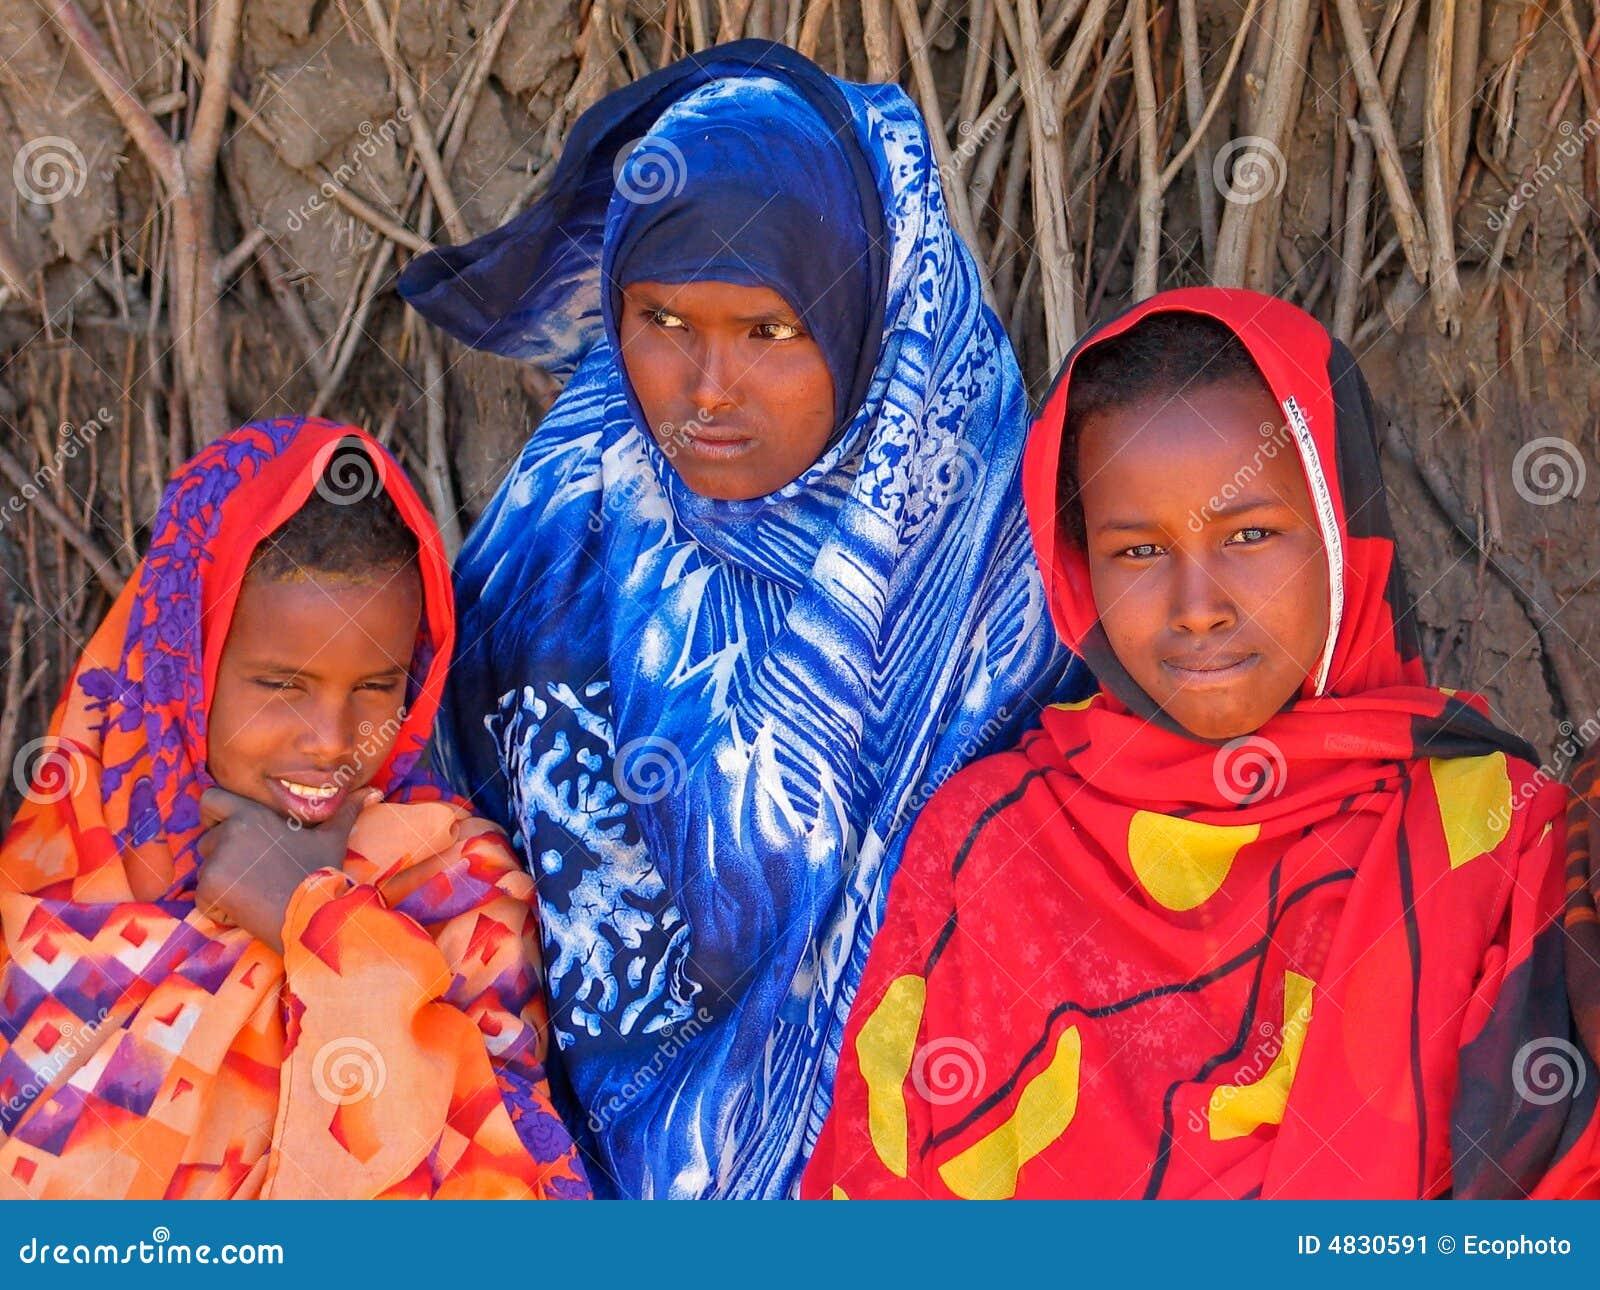 Äthiopische Mädchen